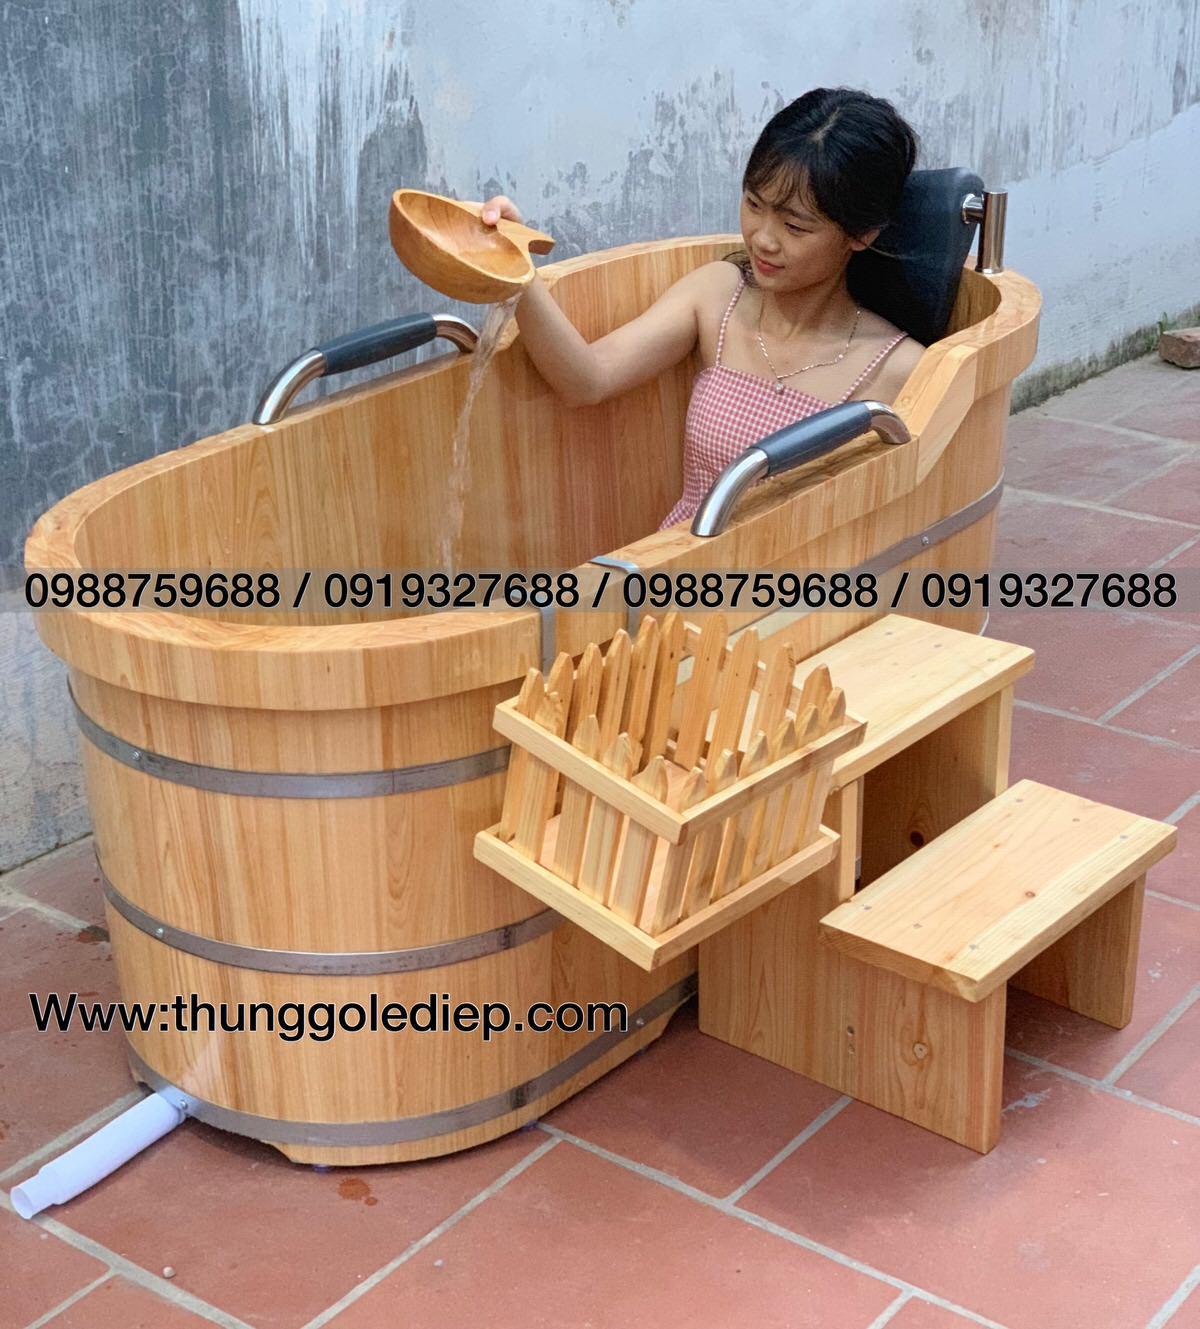 bồn tắm gỗ hinoki cao cấp